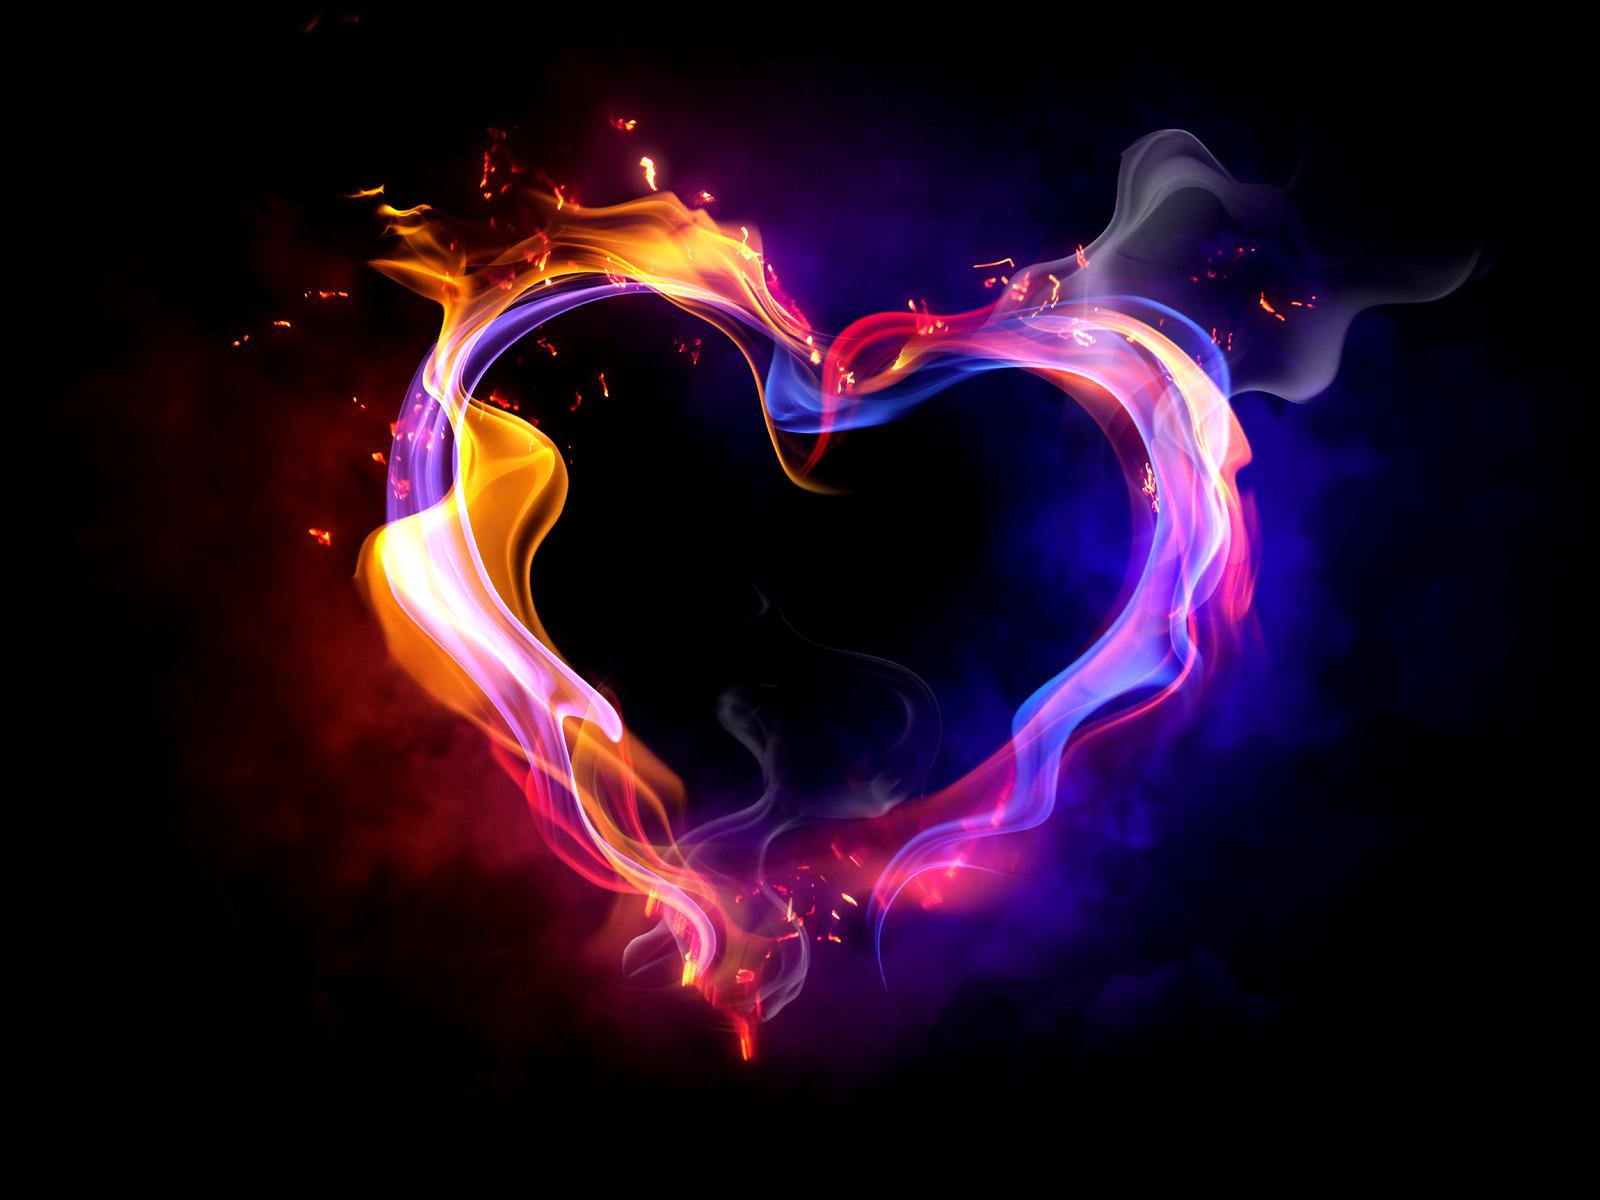 11396 скачать обои Фон, Сердца, Арт, Любовь, День Святого Валентина (Valentine's Day) - заставки и картинки бесплатно